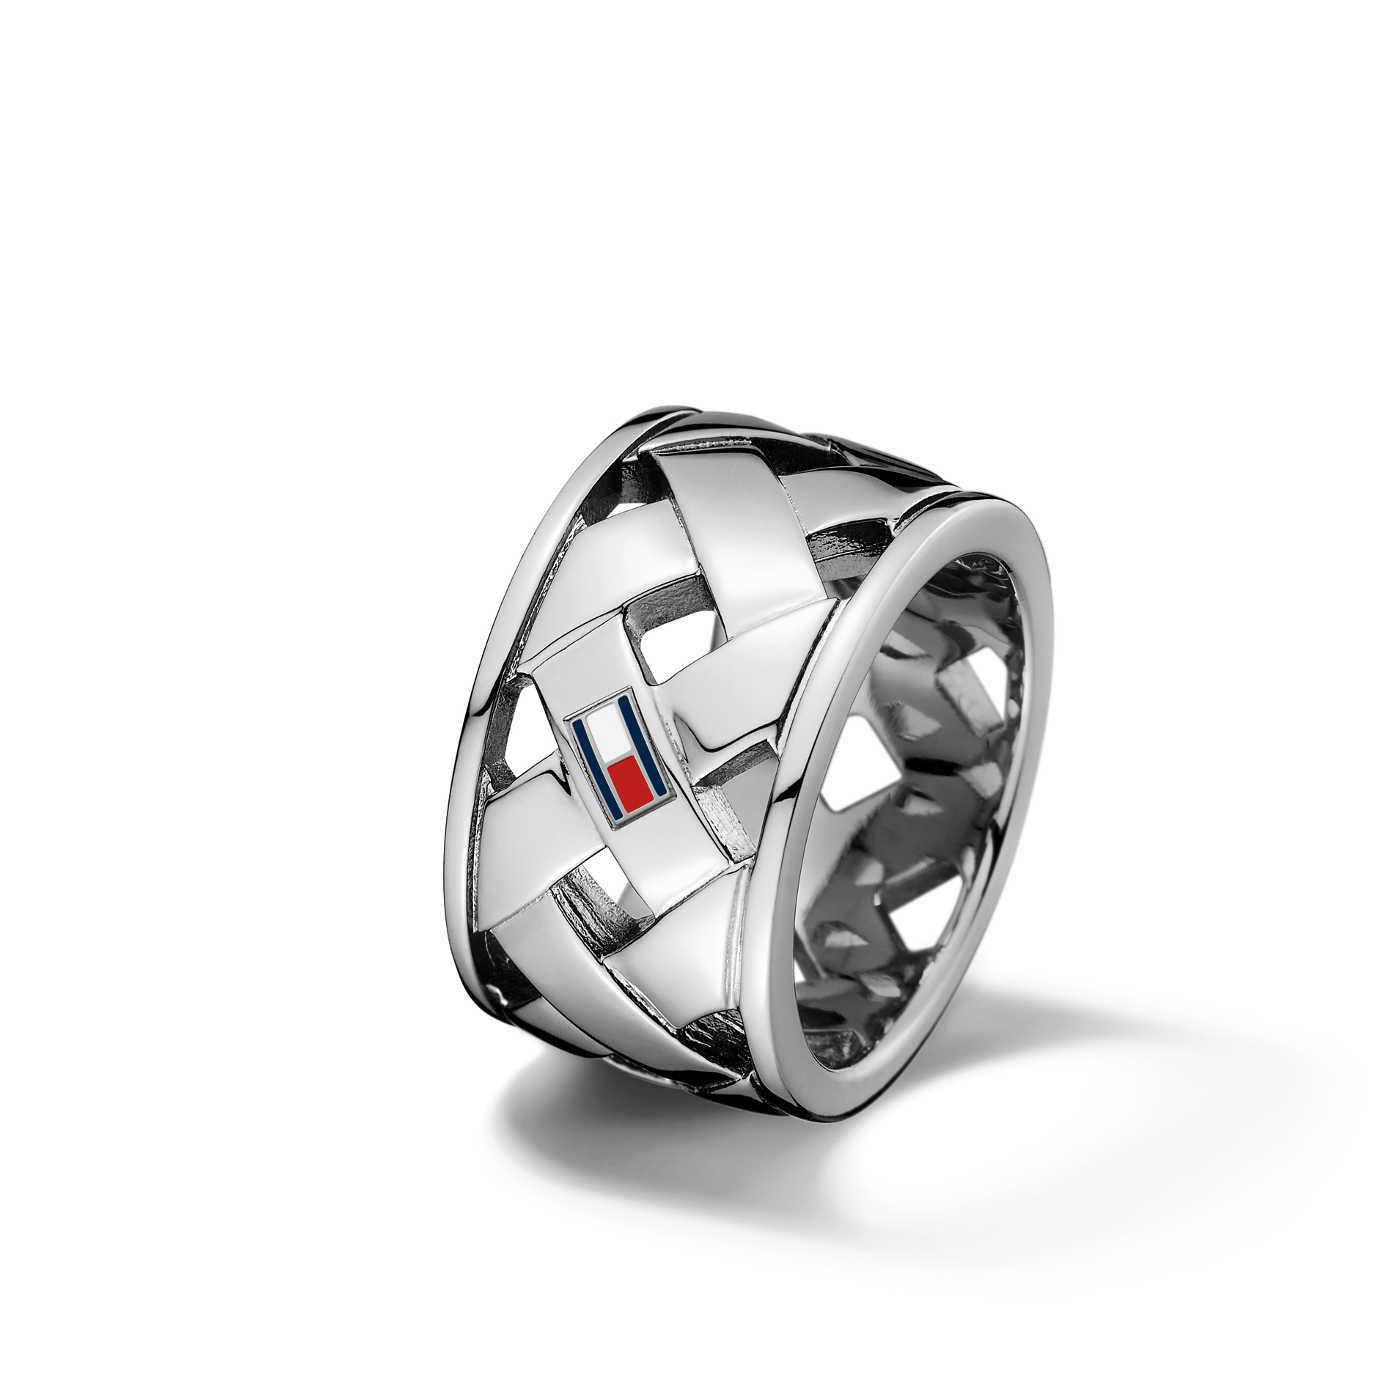 Tommy Hilfiger Basket Weave Silver Ring TJ2701023